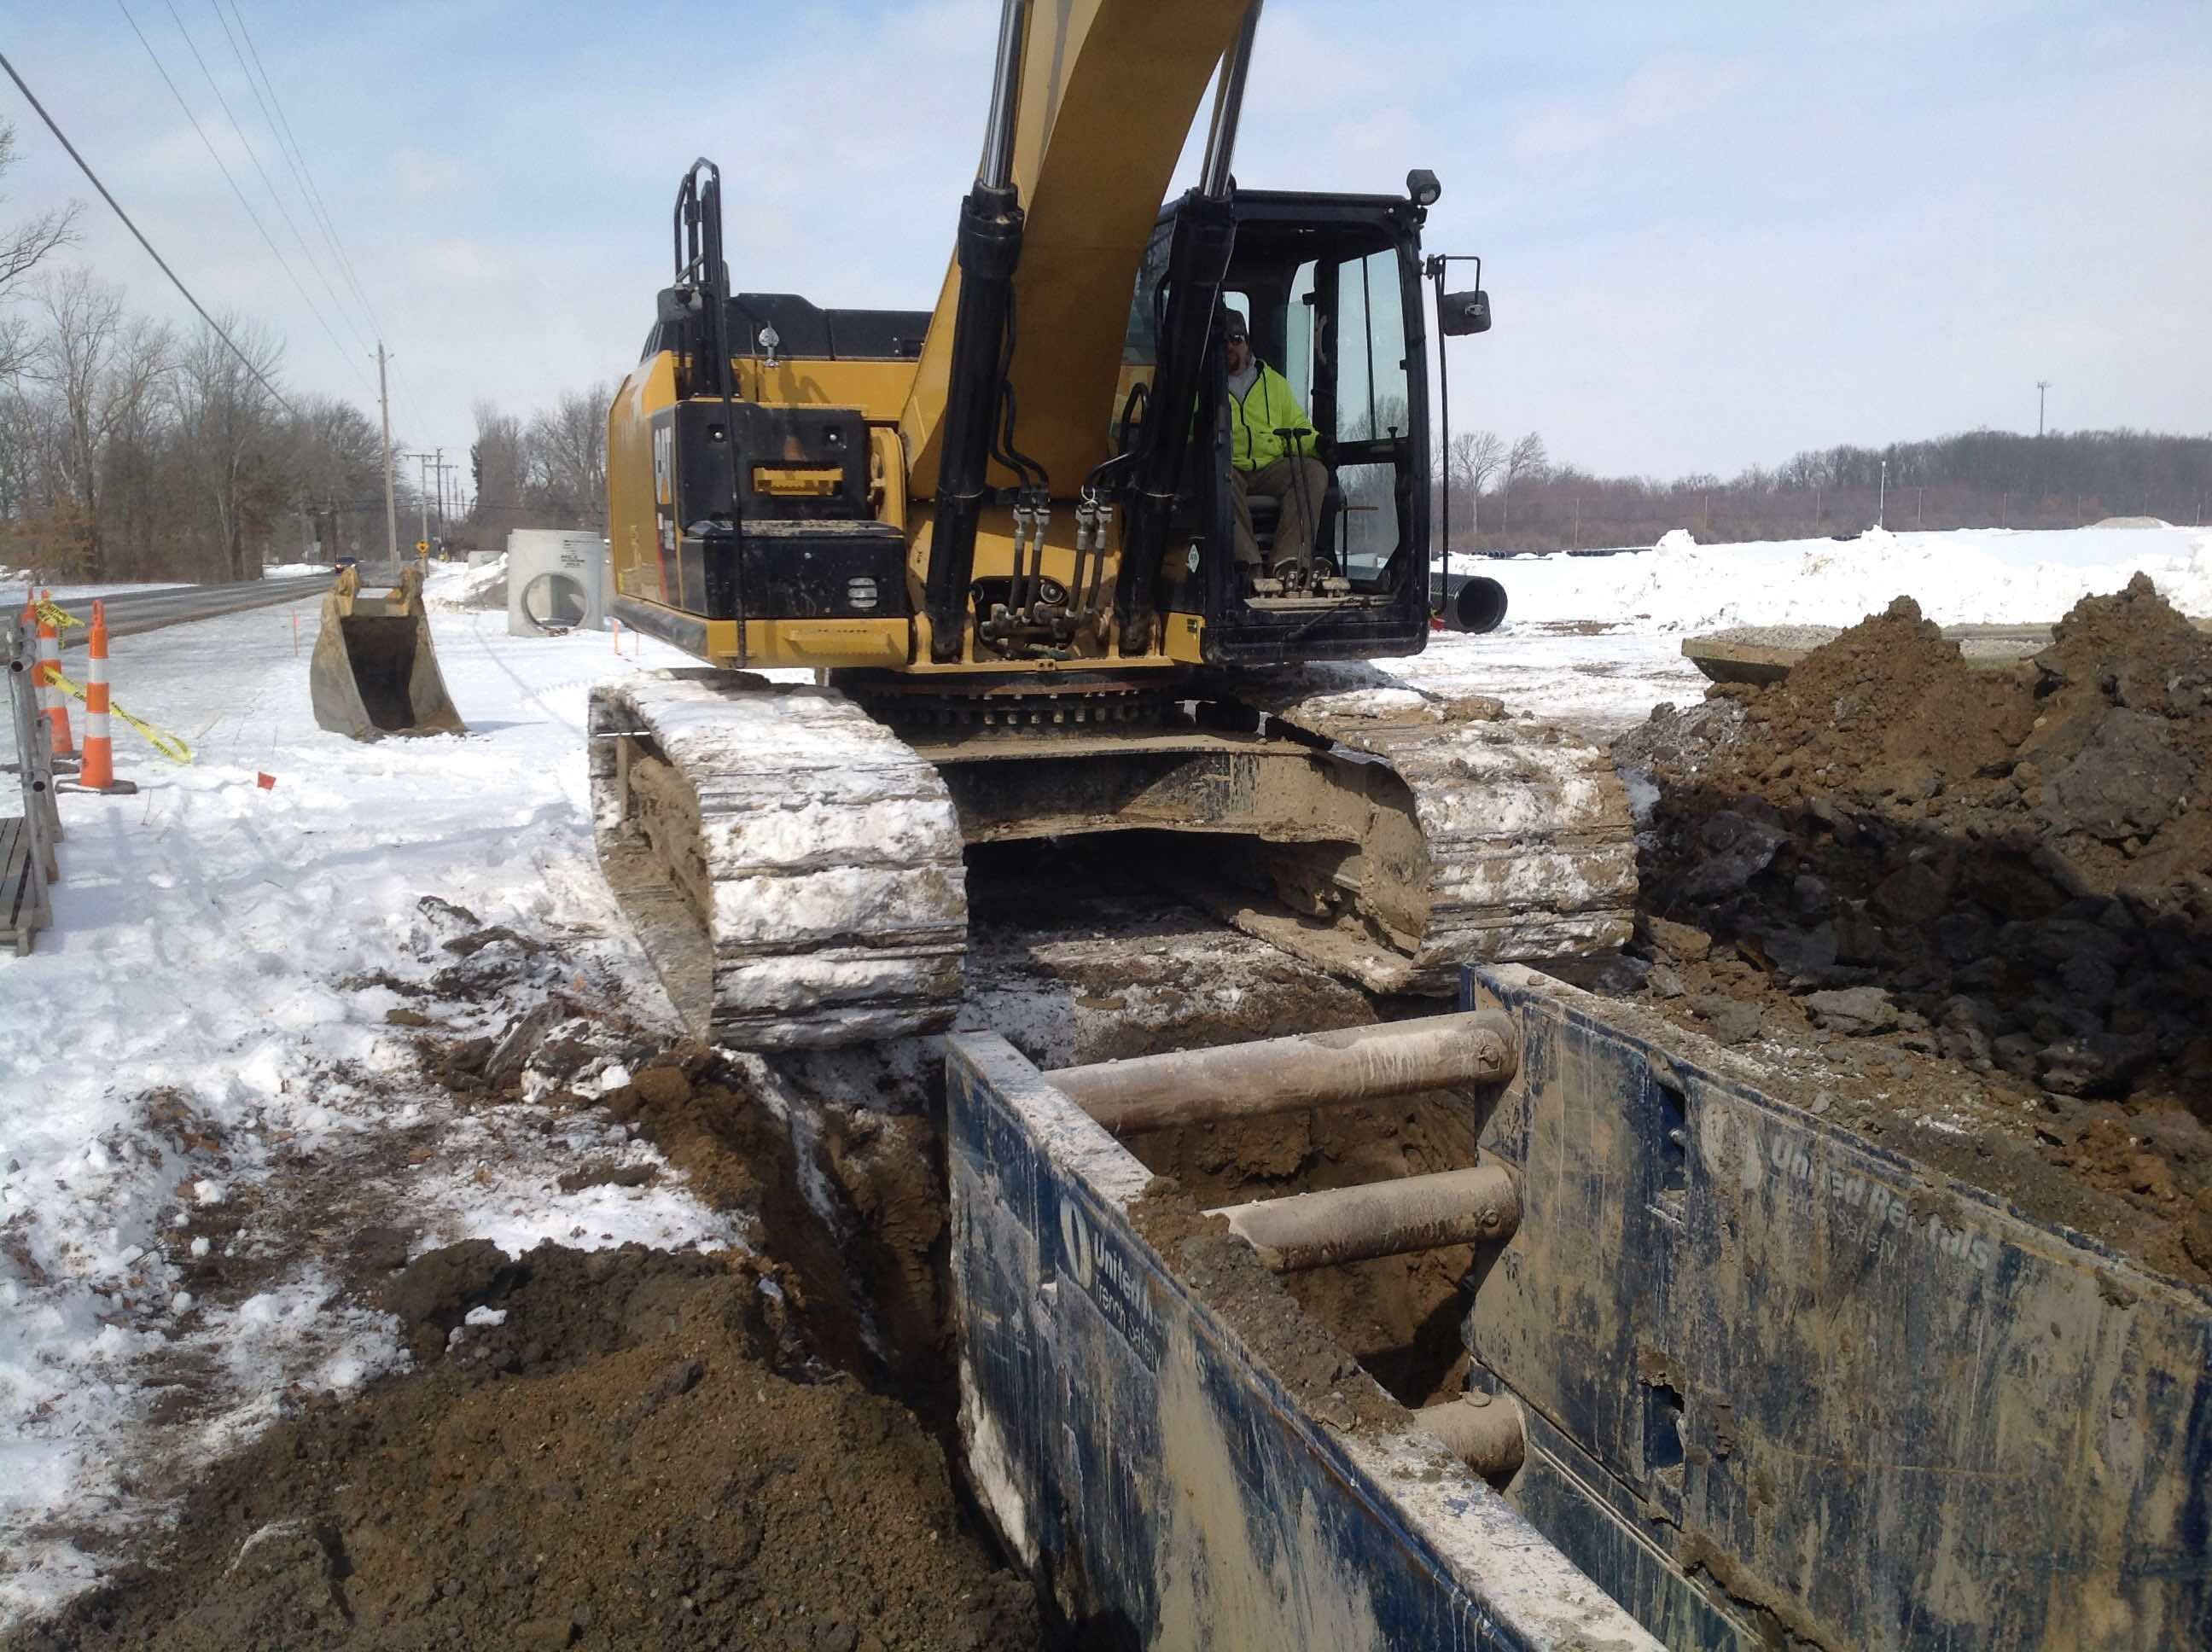 Park Enterprise Construction civil construction